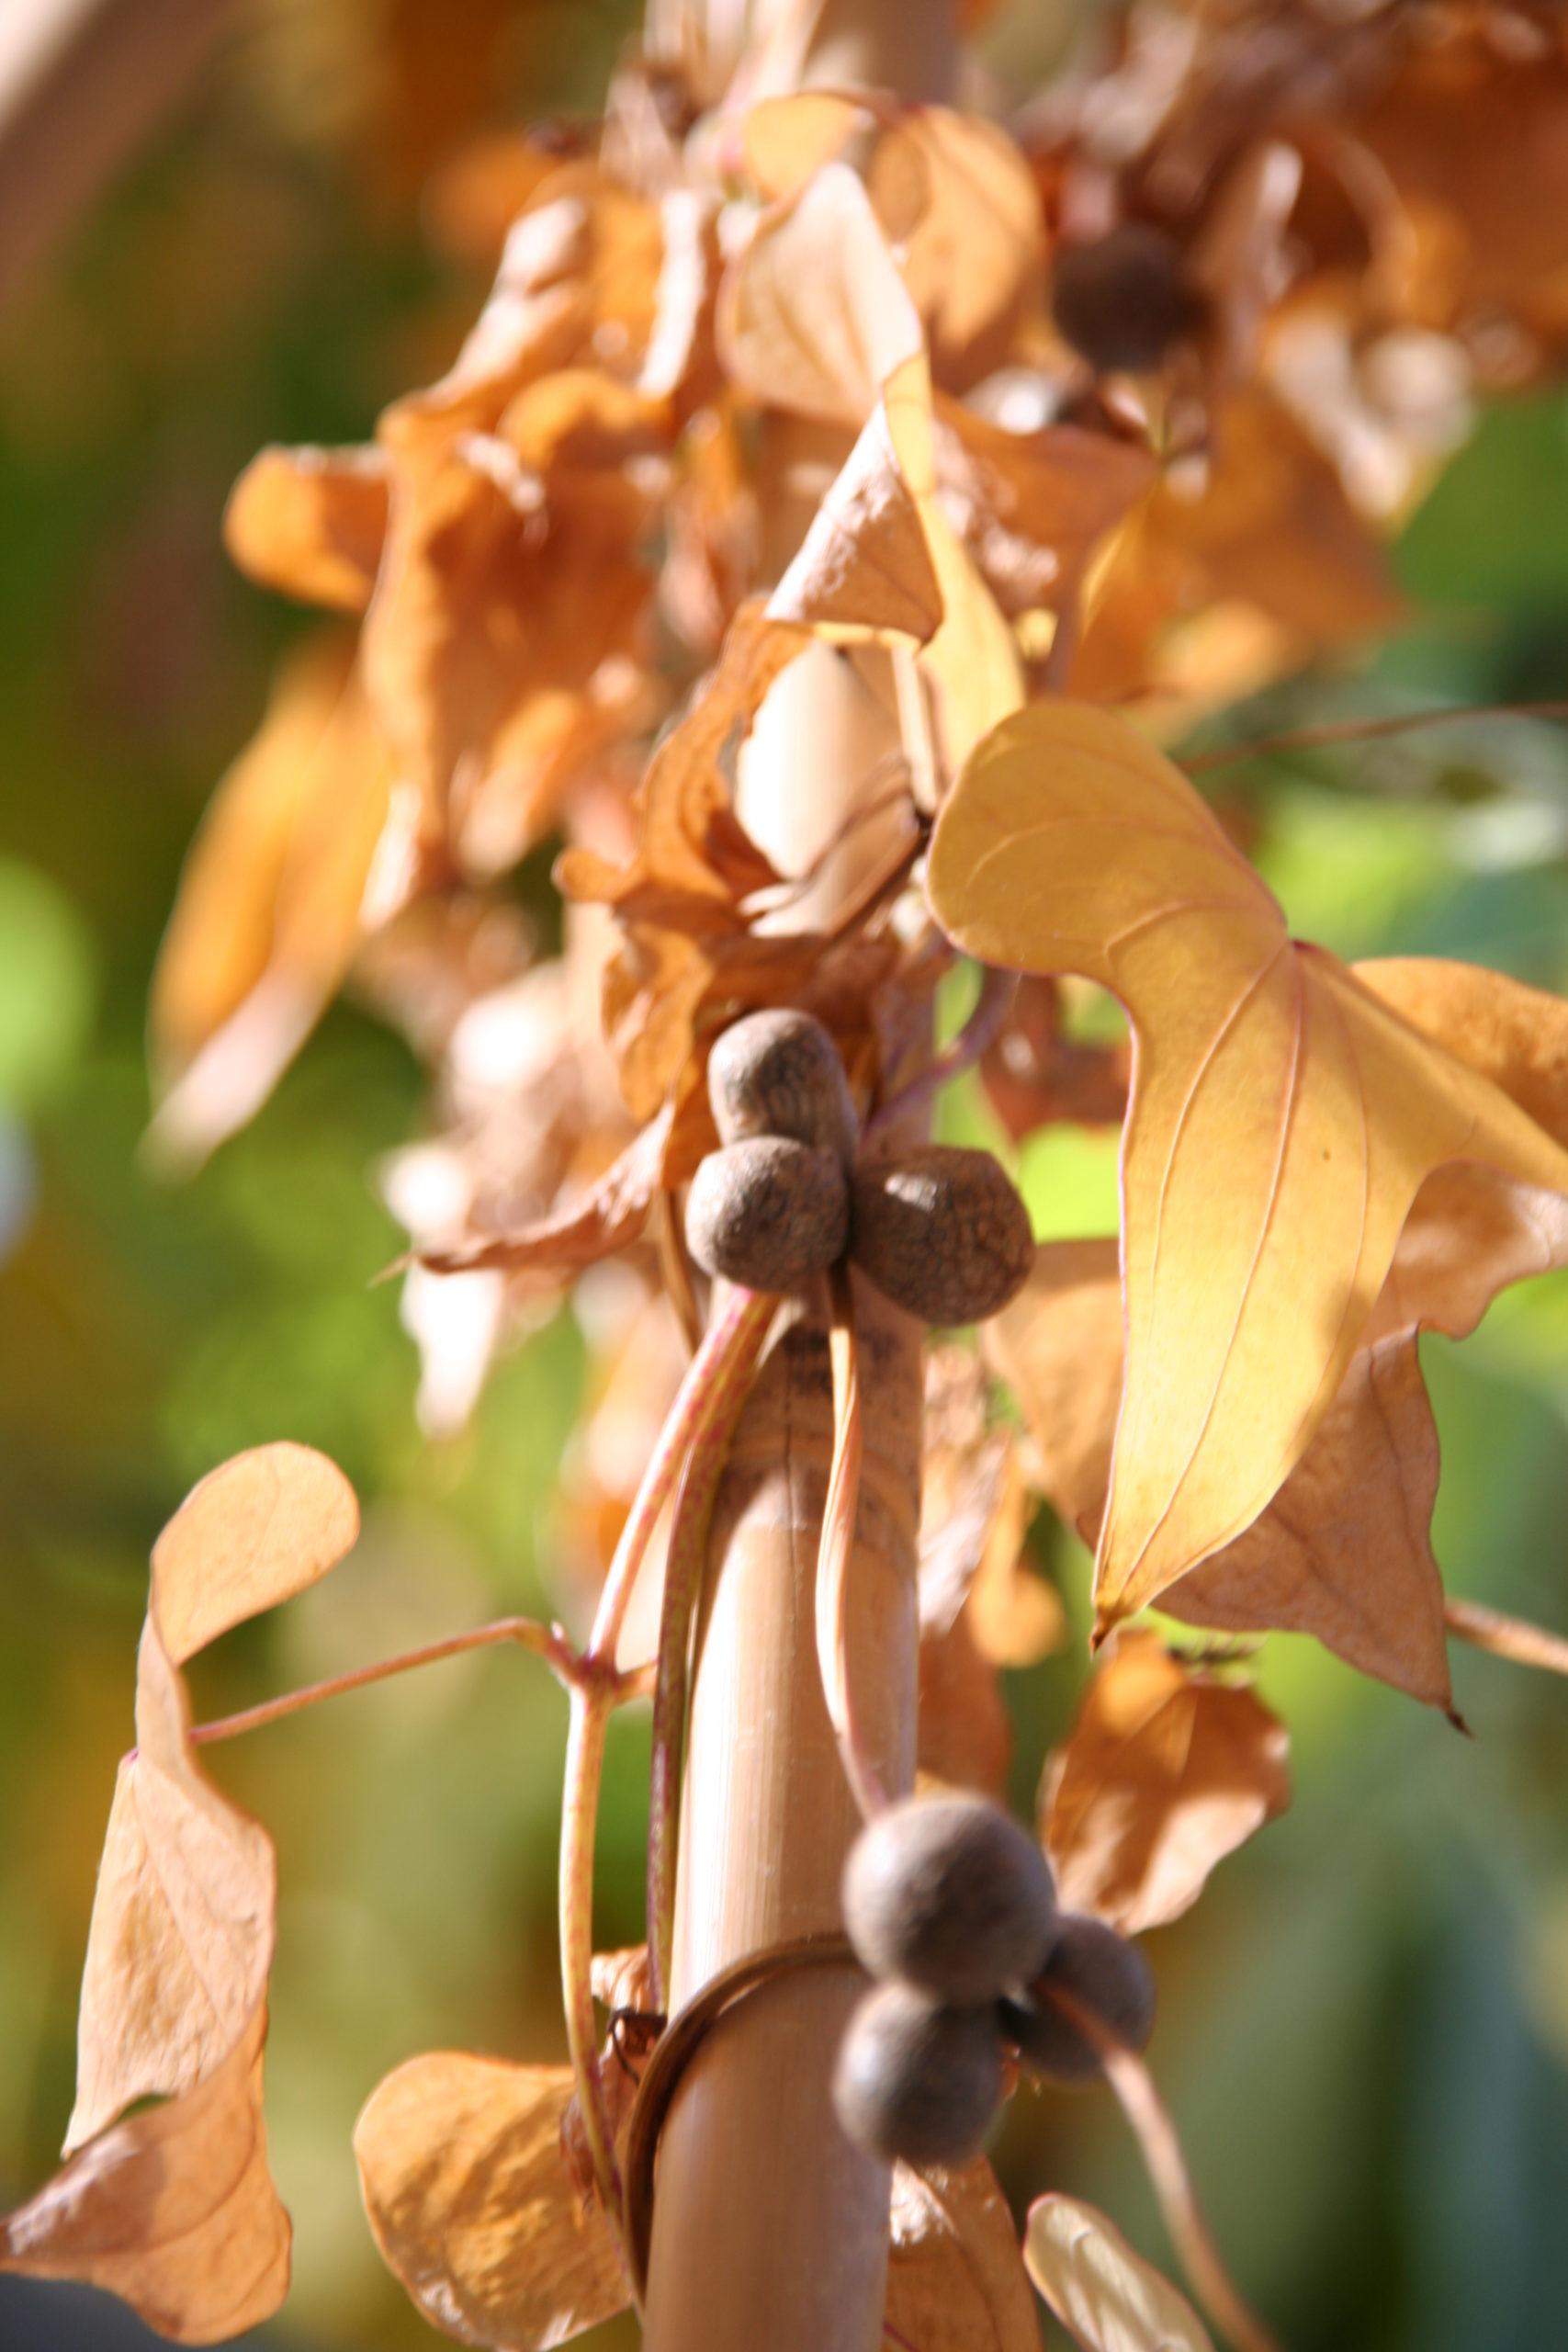 Lichtwurzel Blätter mit Bulbillen im Herbst